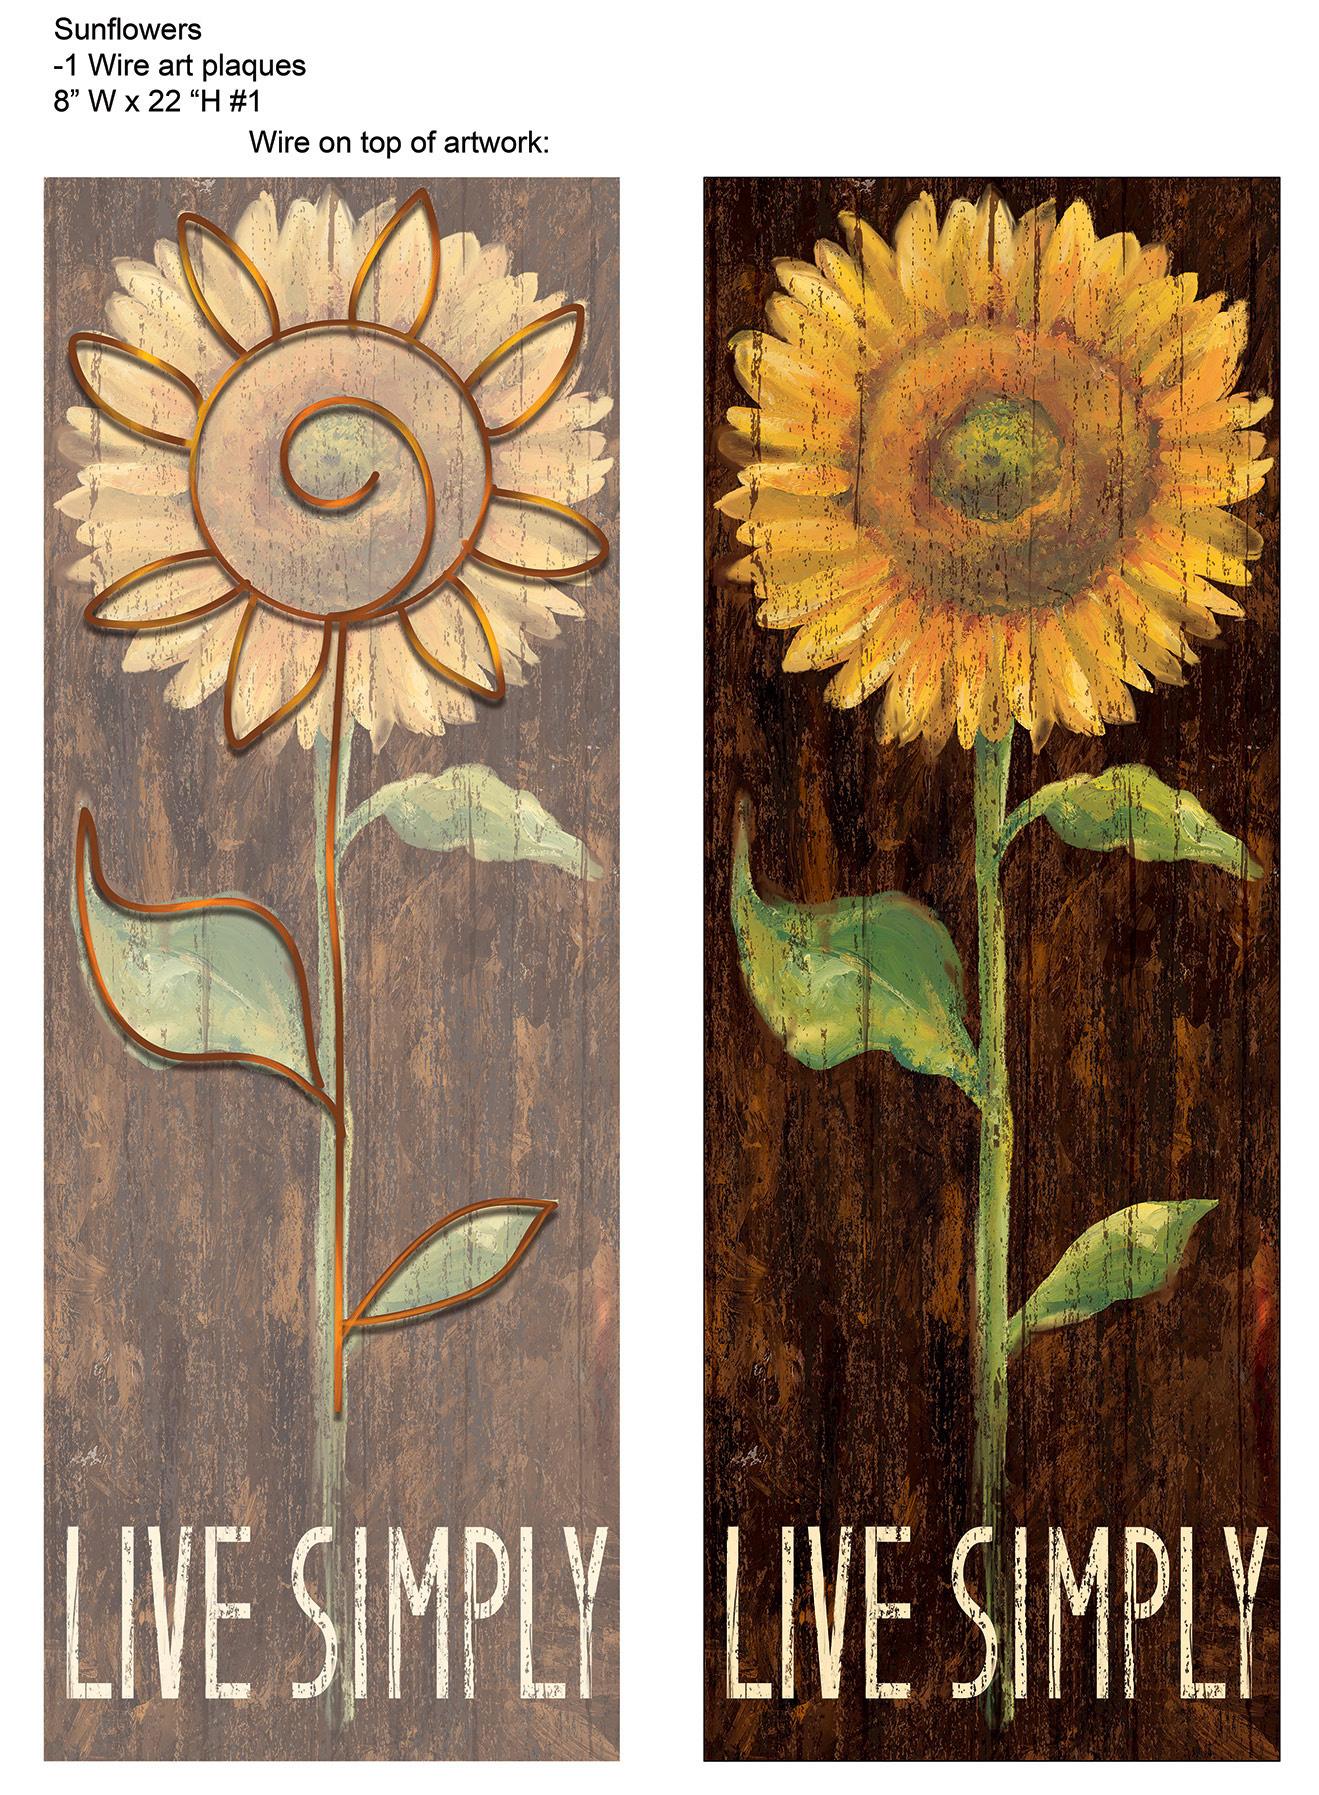 OB588-1-Sunflowers-plq-00.jpg